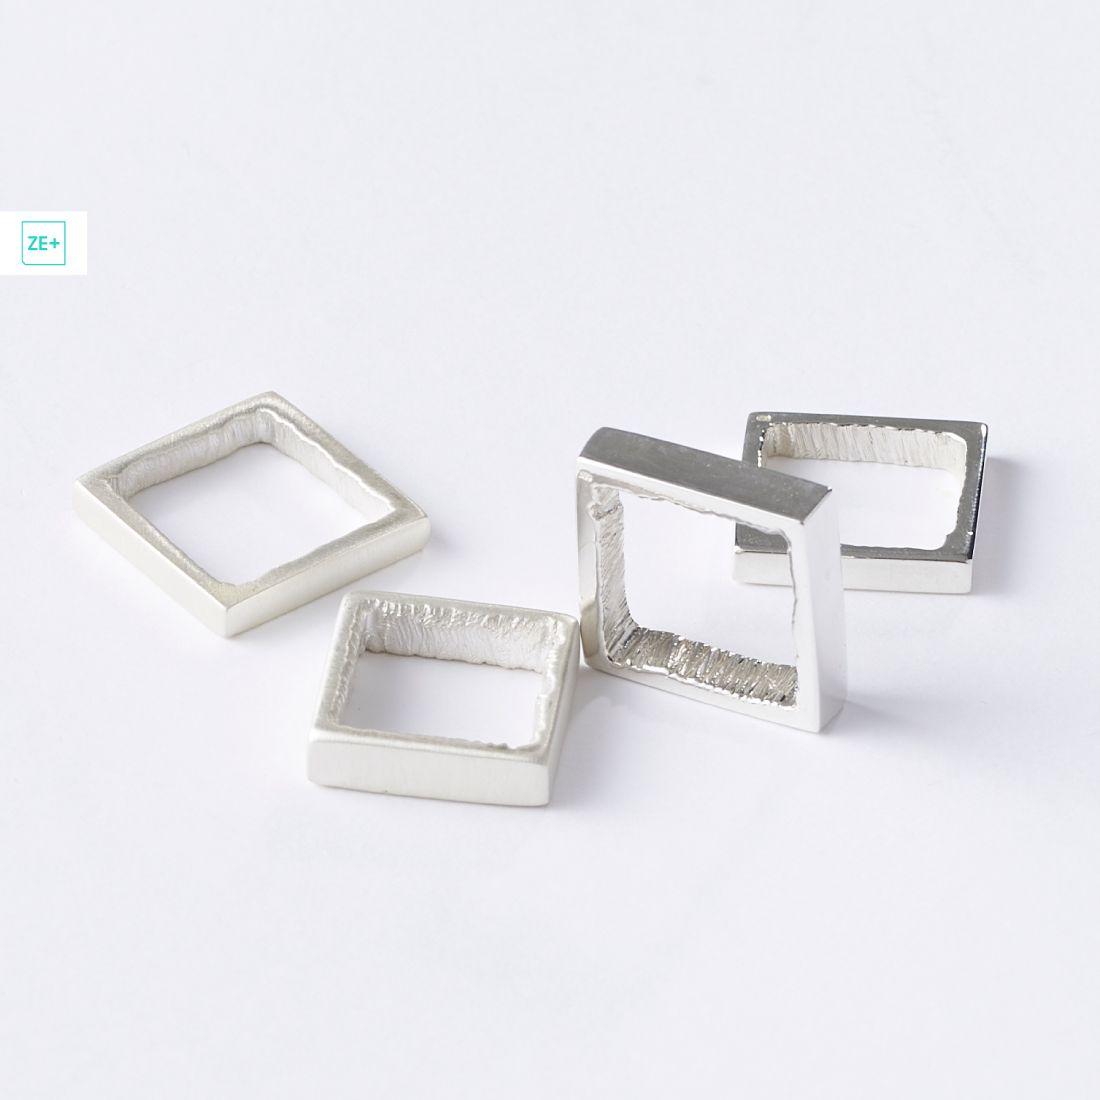 Origo négyzet gyűrű, keskeny